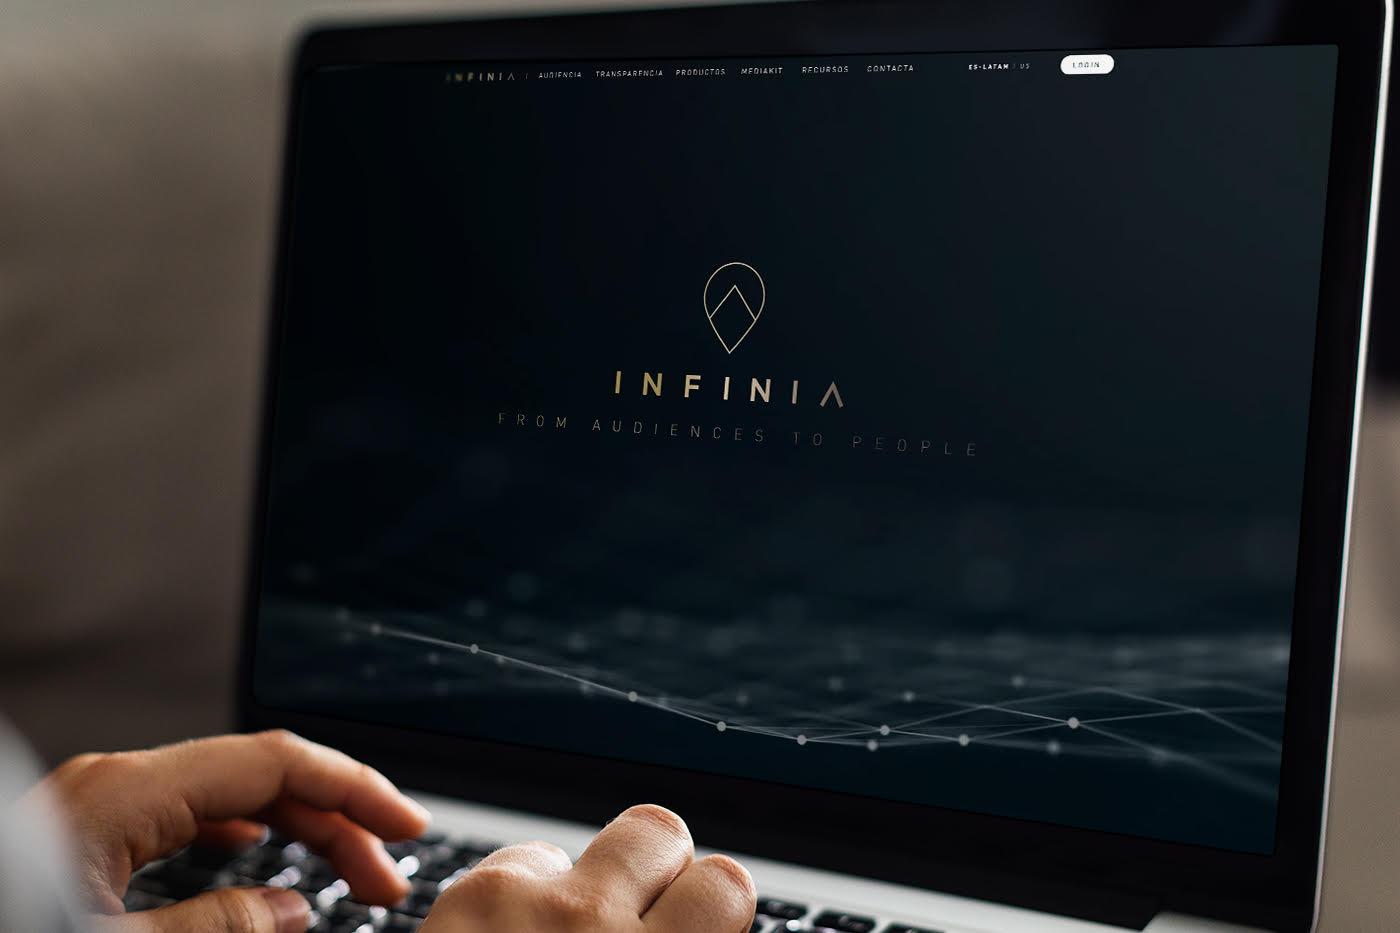 Infinia actualiza su nueva imagen, con nueva web y nuevos servicios